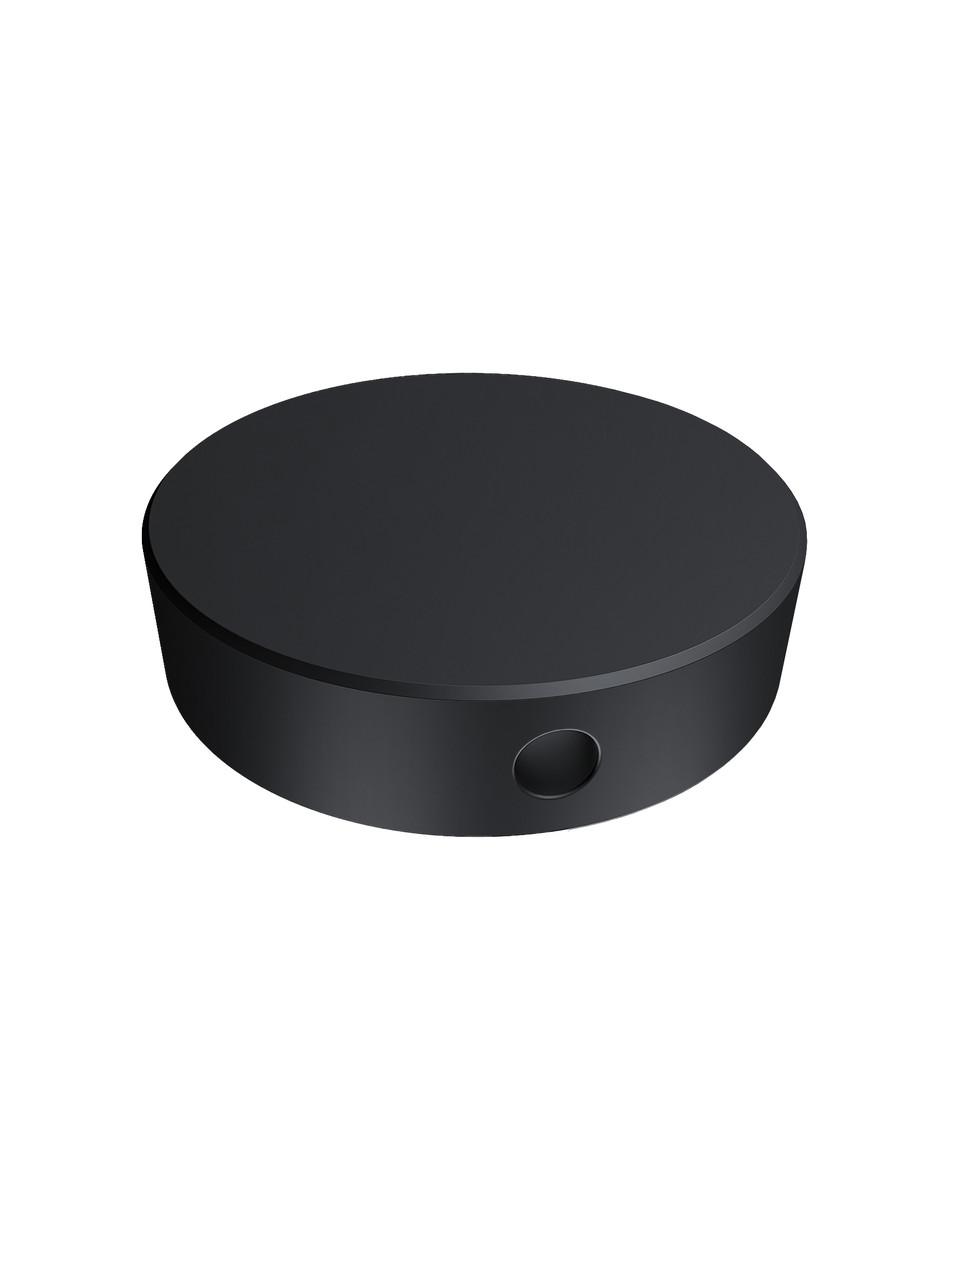 ODF-06-19-21 Конектор круглий d40 з боковим отвором М10, для скляних огороджень і поручнів, чорний